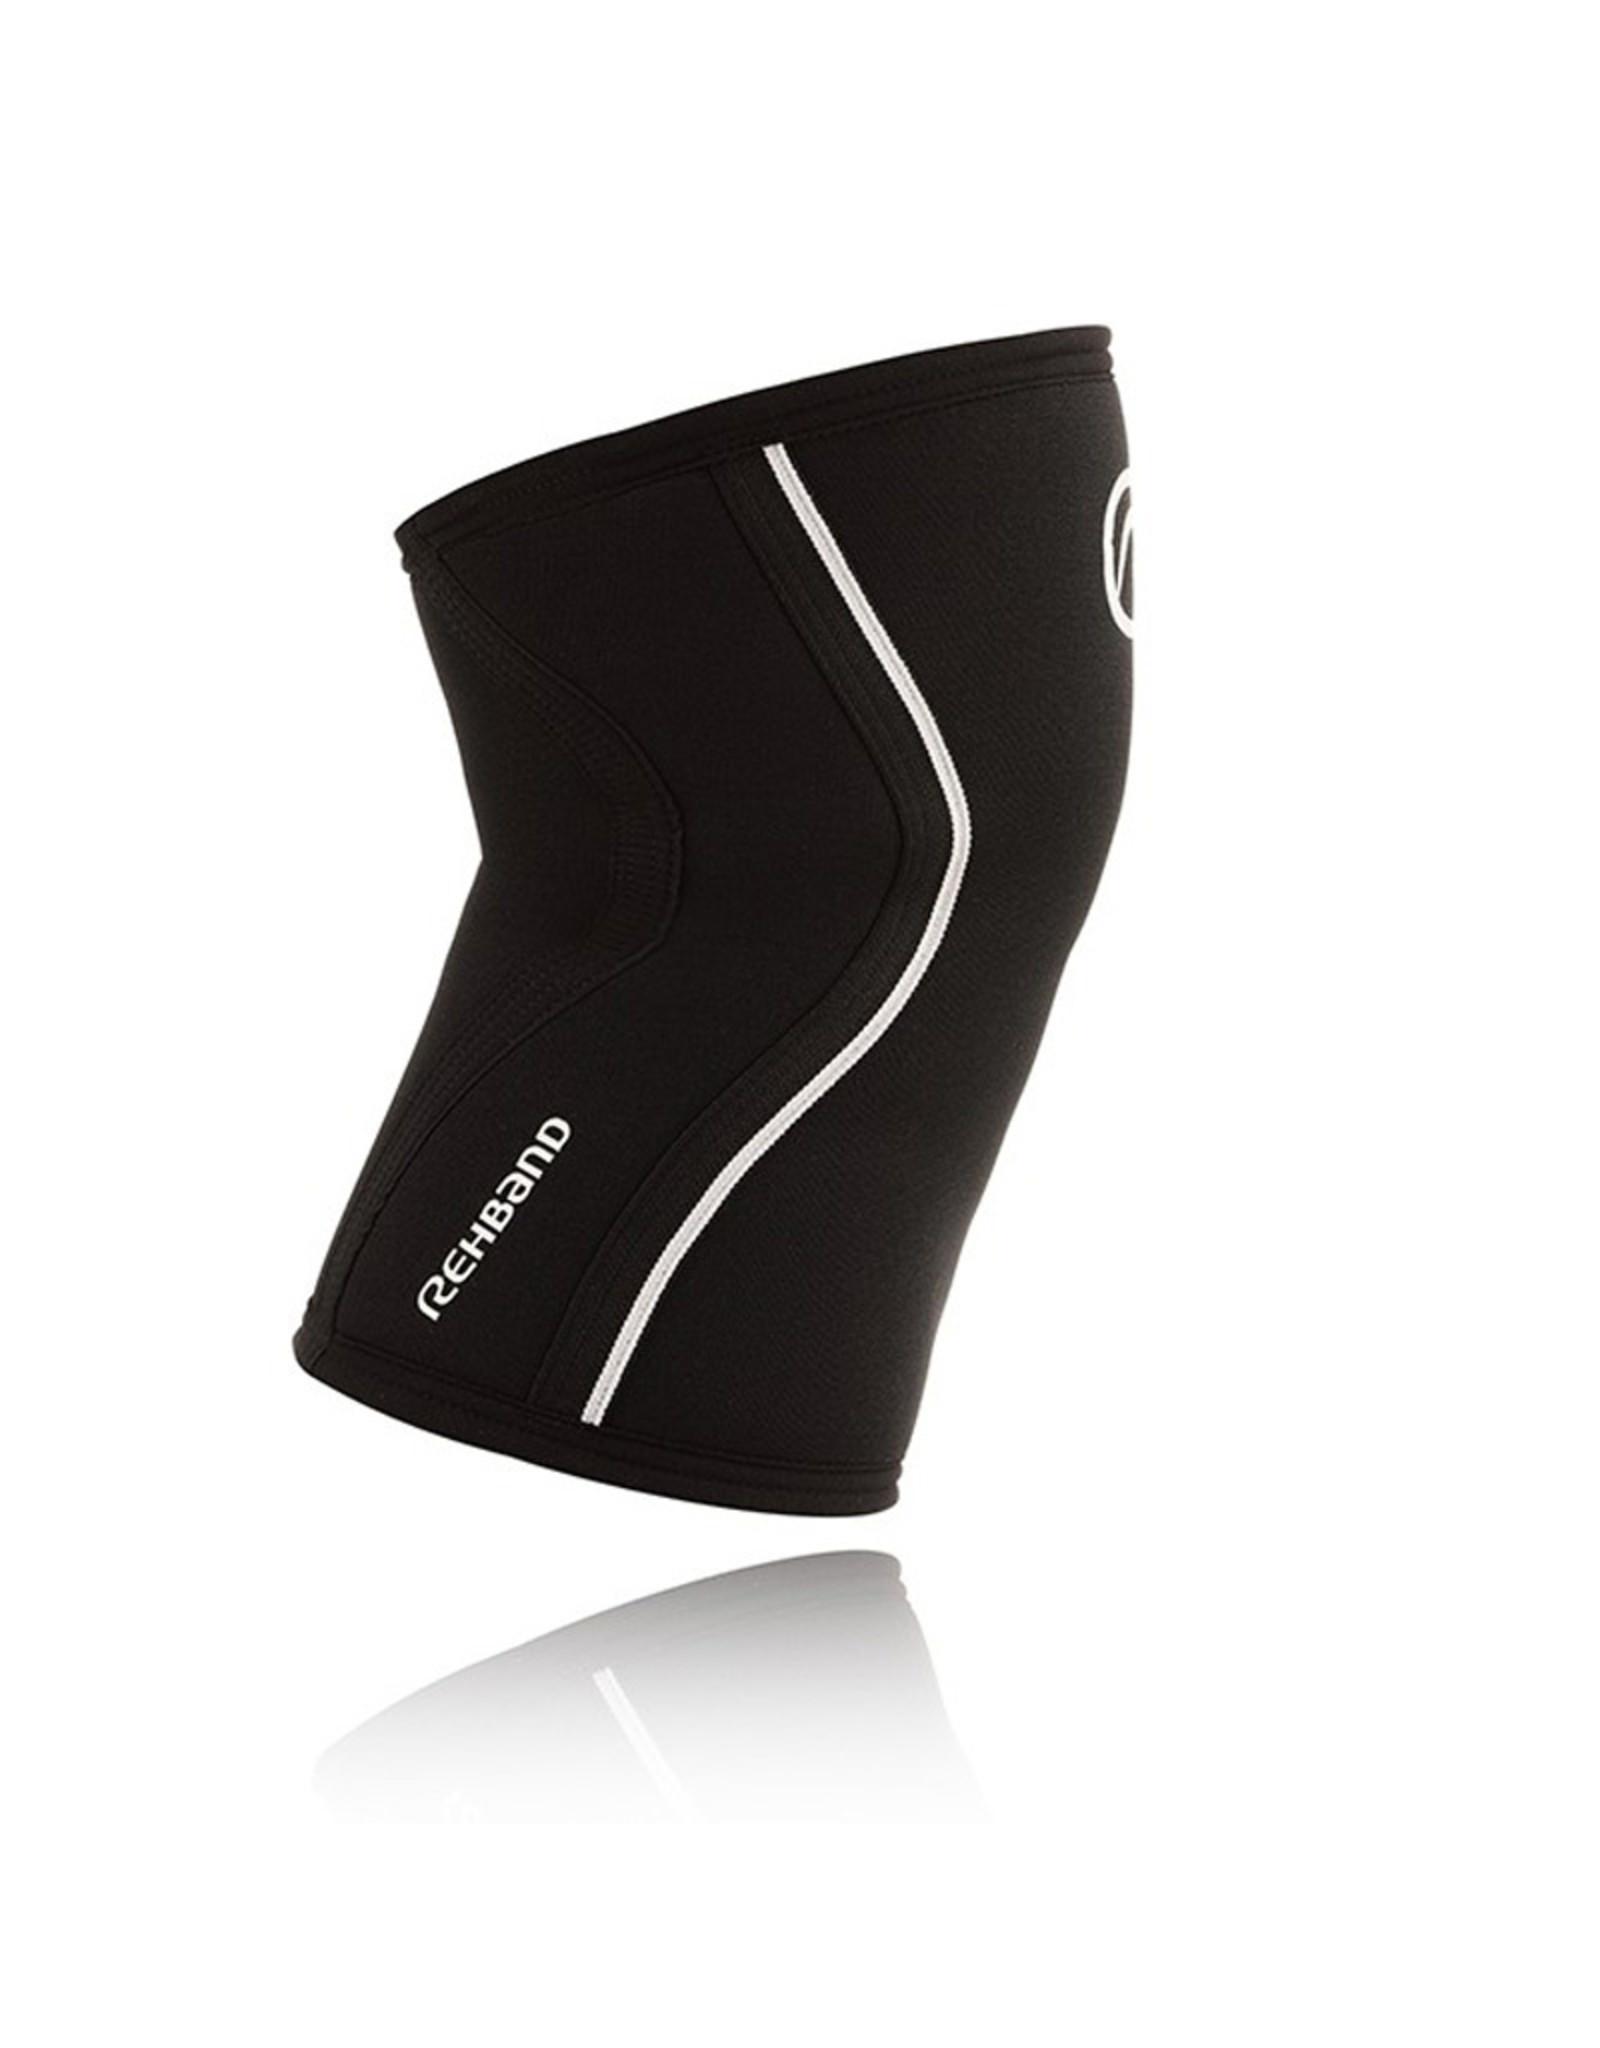 Rehband Rx Knee Sleeve 5Mm Genouillere - Noir